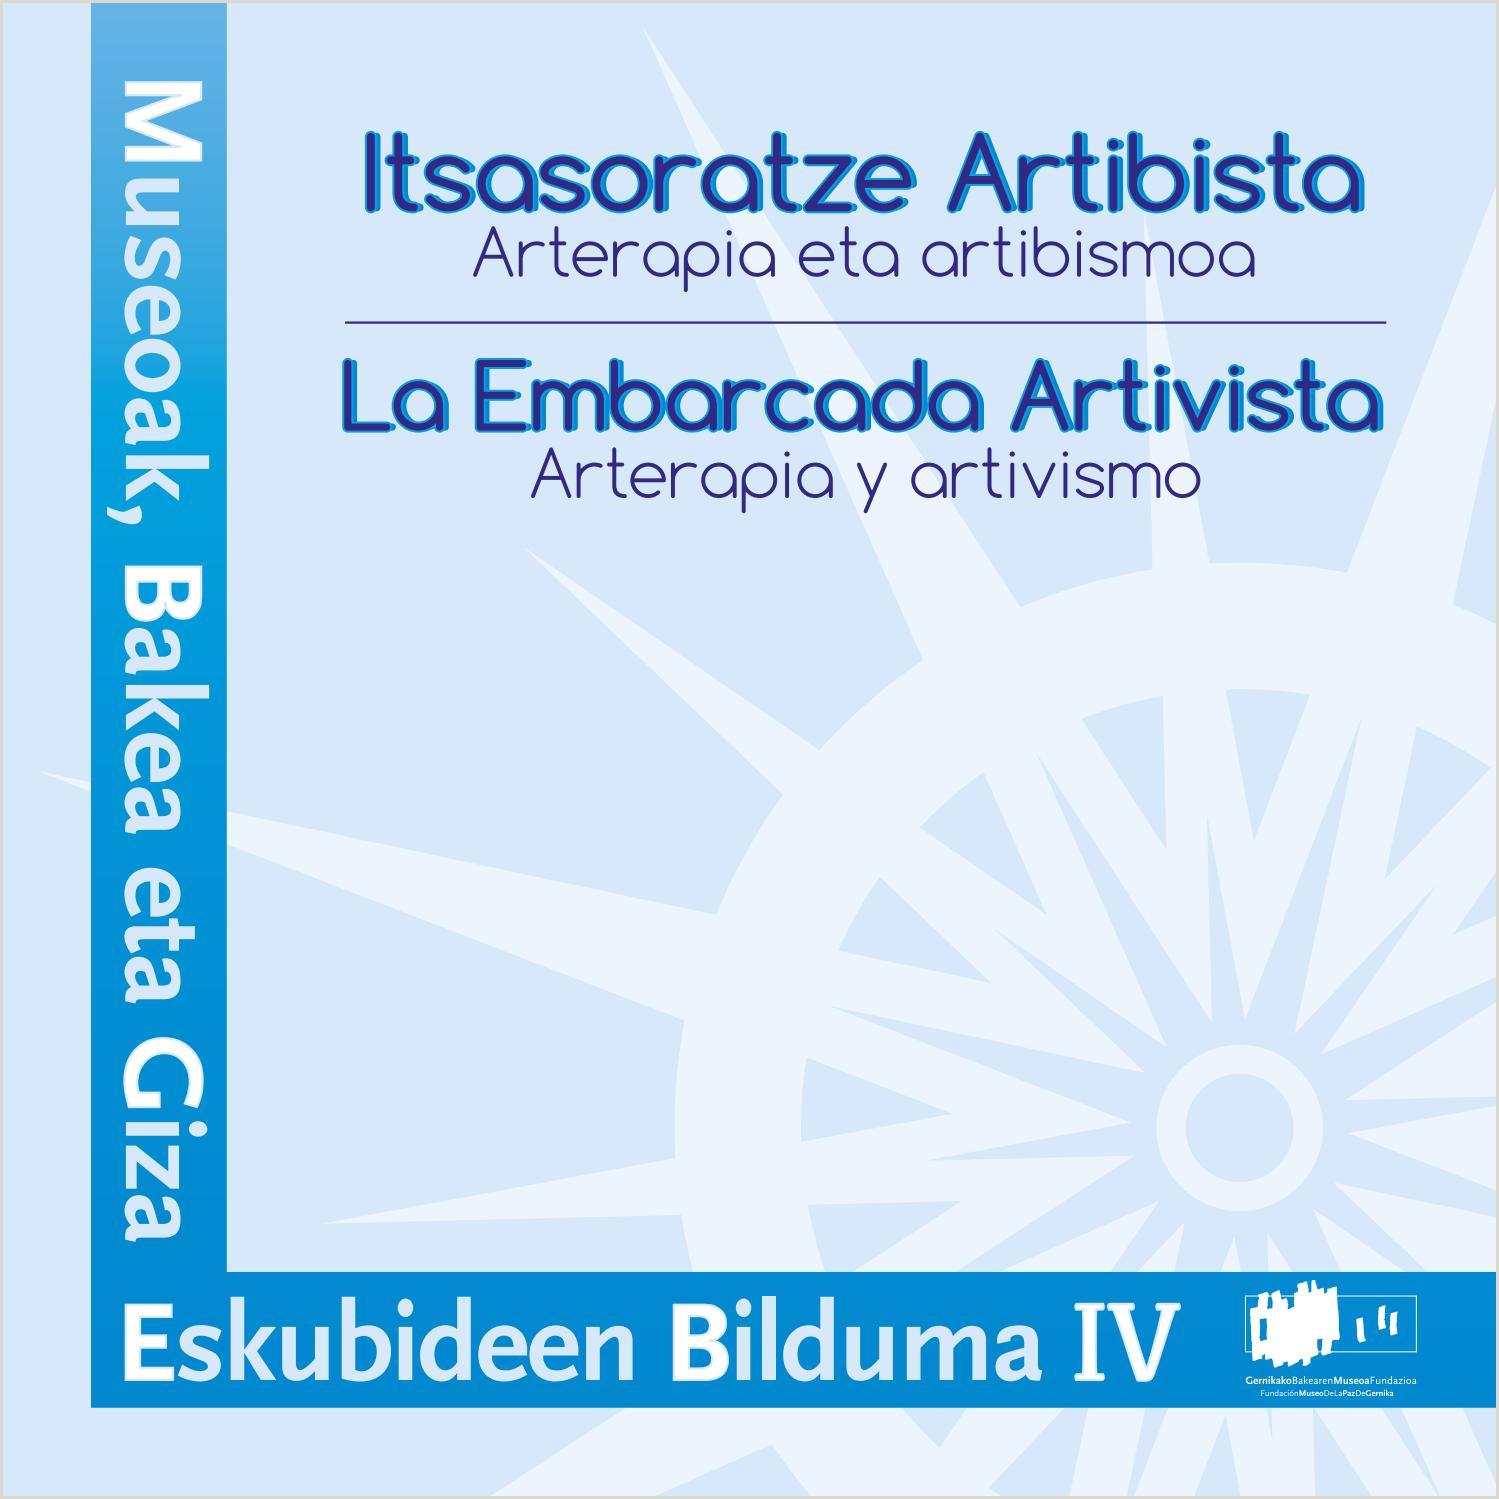 Itsasoratze Artibista Arteterapia eta artibismoa La